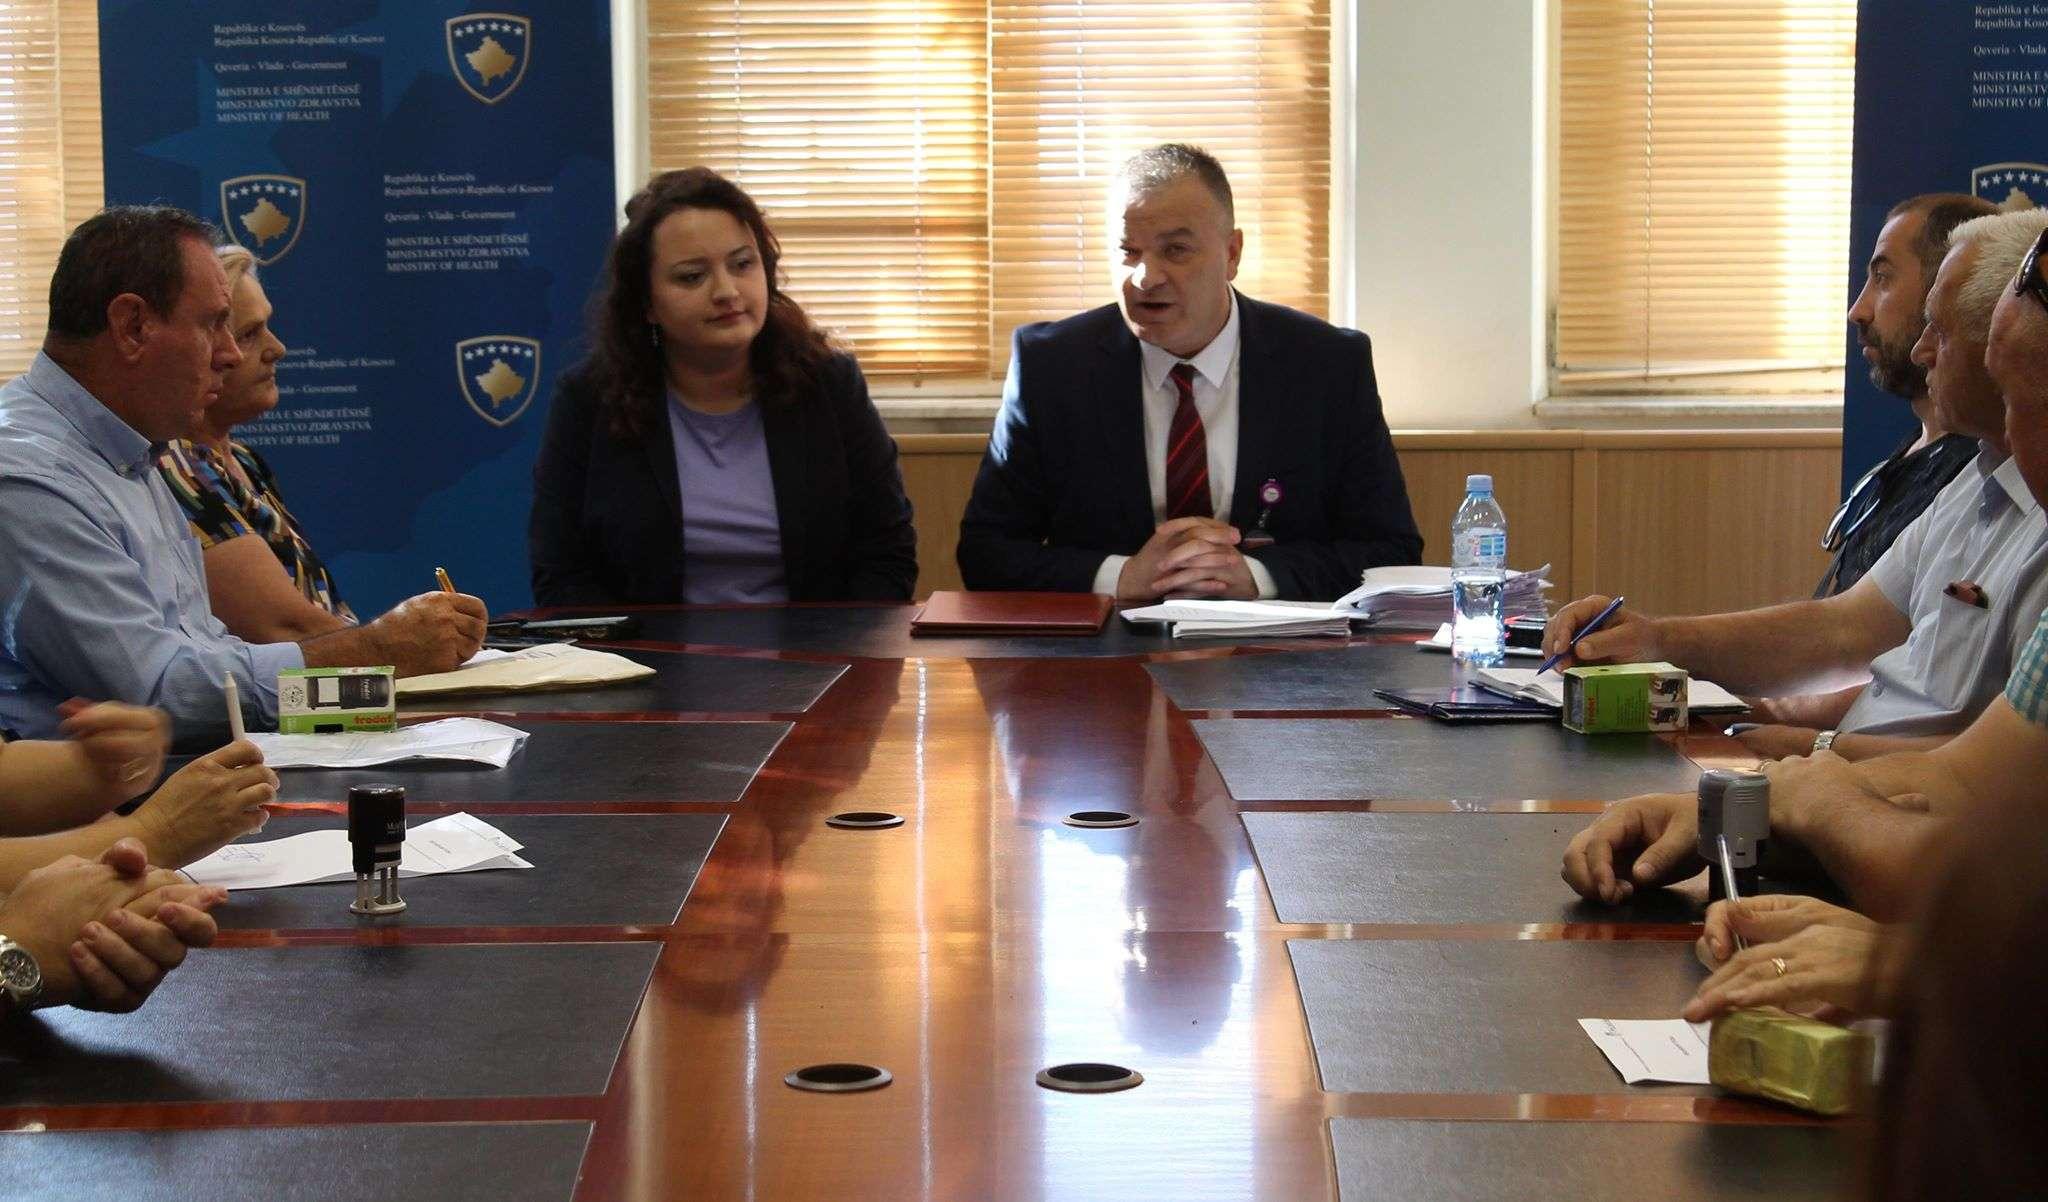 Ministria e Shëndetësisë financon 31 OJQ për ruajtjen dhe përparimin e shëndetit